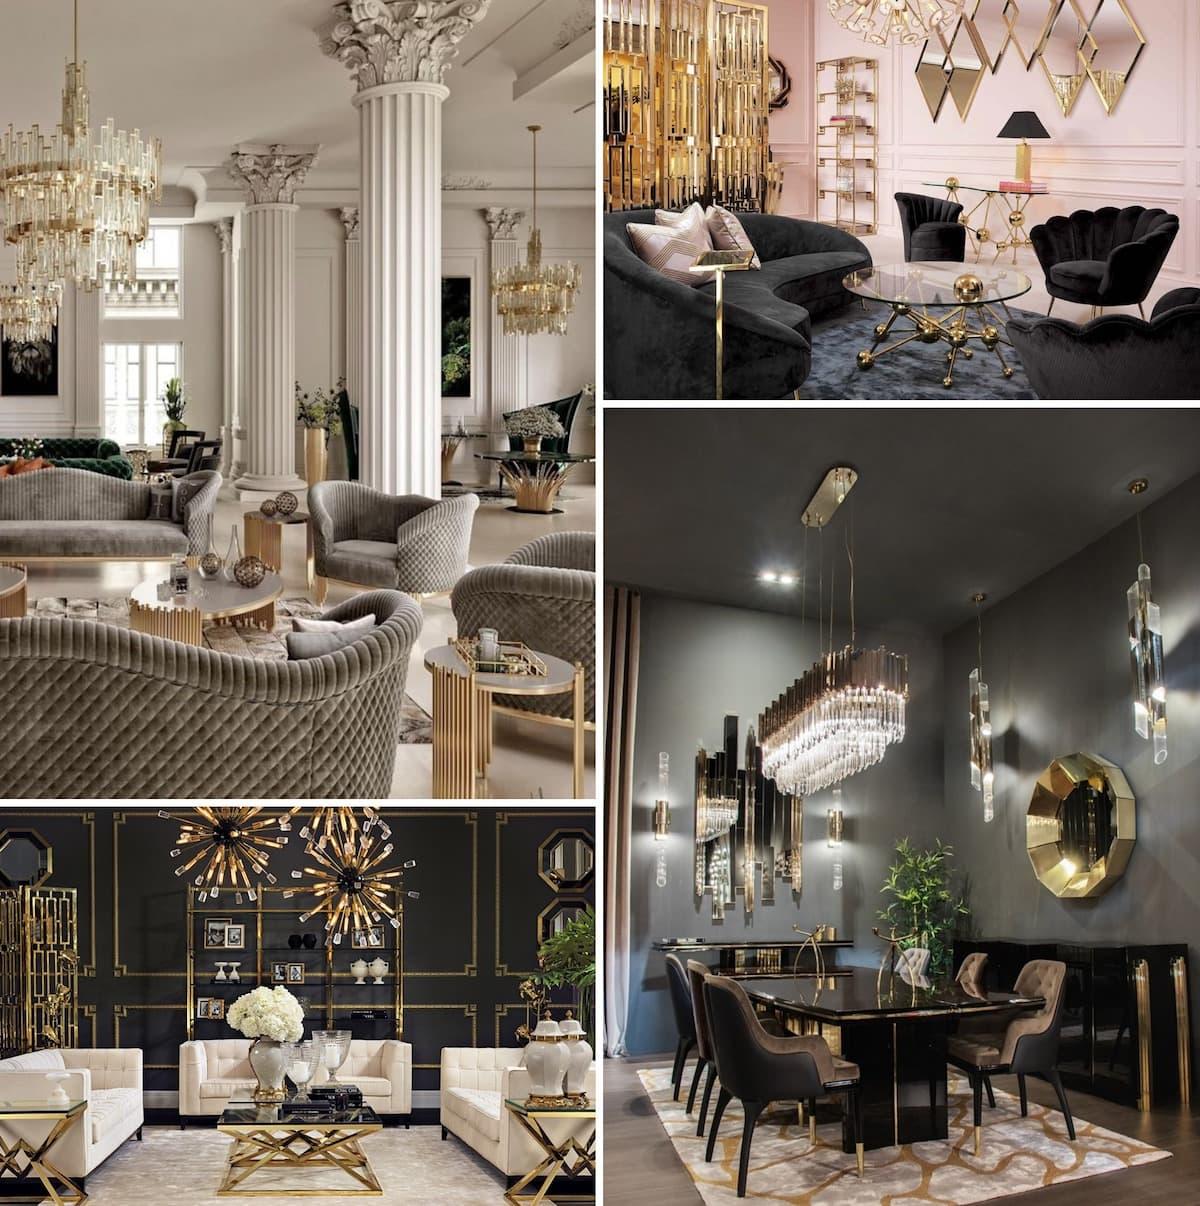 Les idées pour décorer le salon dans le style art déco sont illimitées, l'essentiel étant de ne pas briser la fine ligne entre le luxe et le sens des proportions.